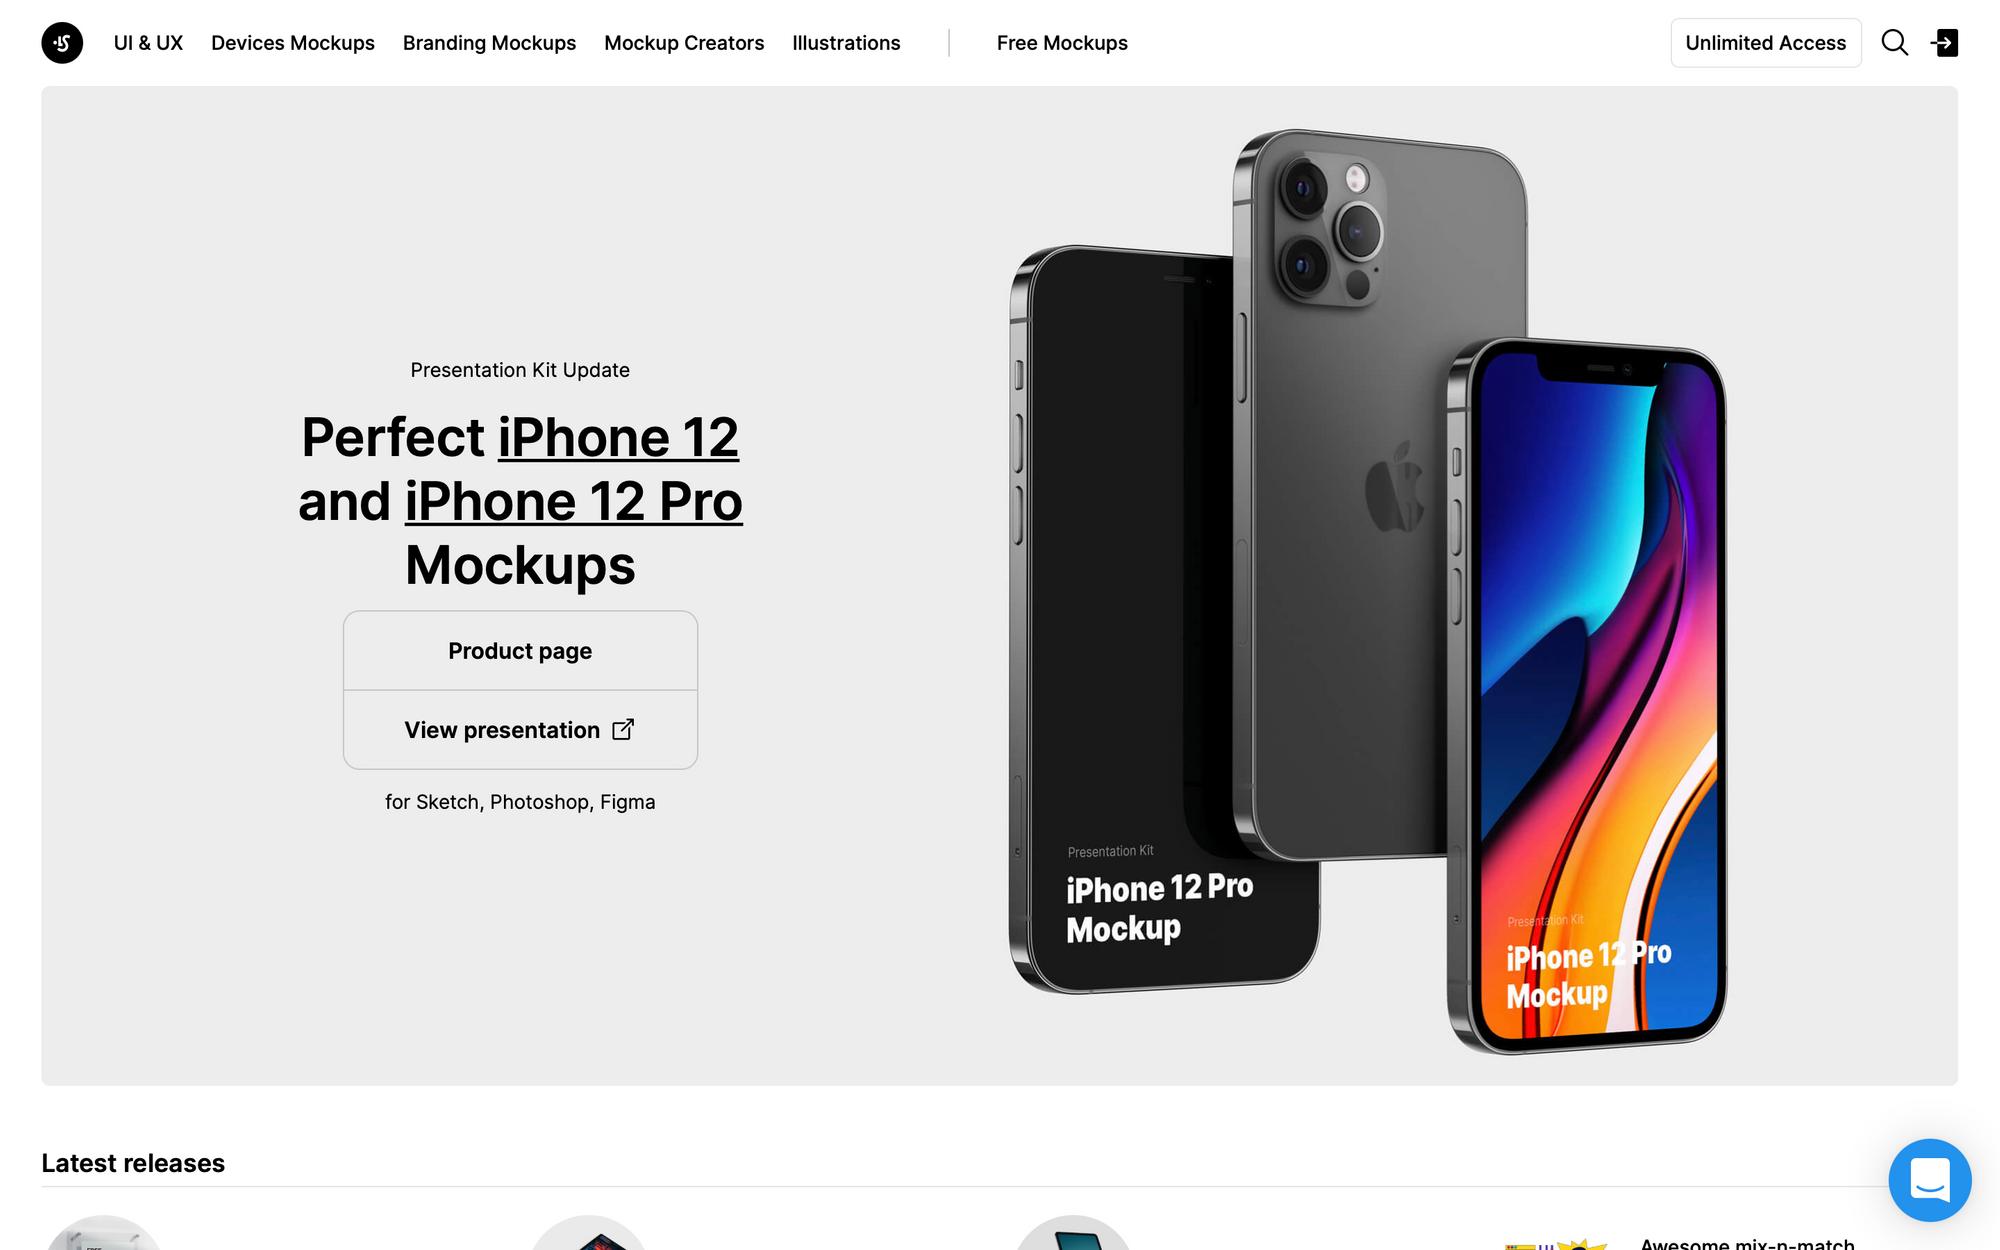 Скачать бесплатные мокапы iPhone, iPad, iMac, MacBook для Figma, Sketch, Photoshop